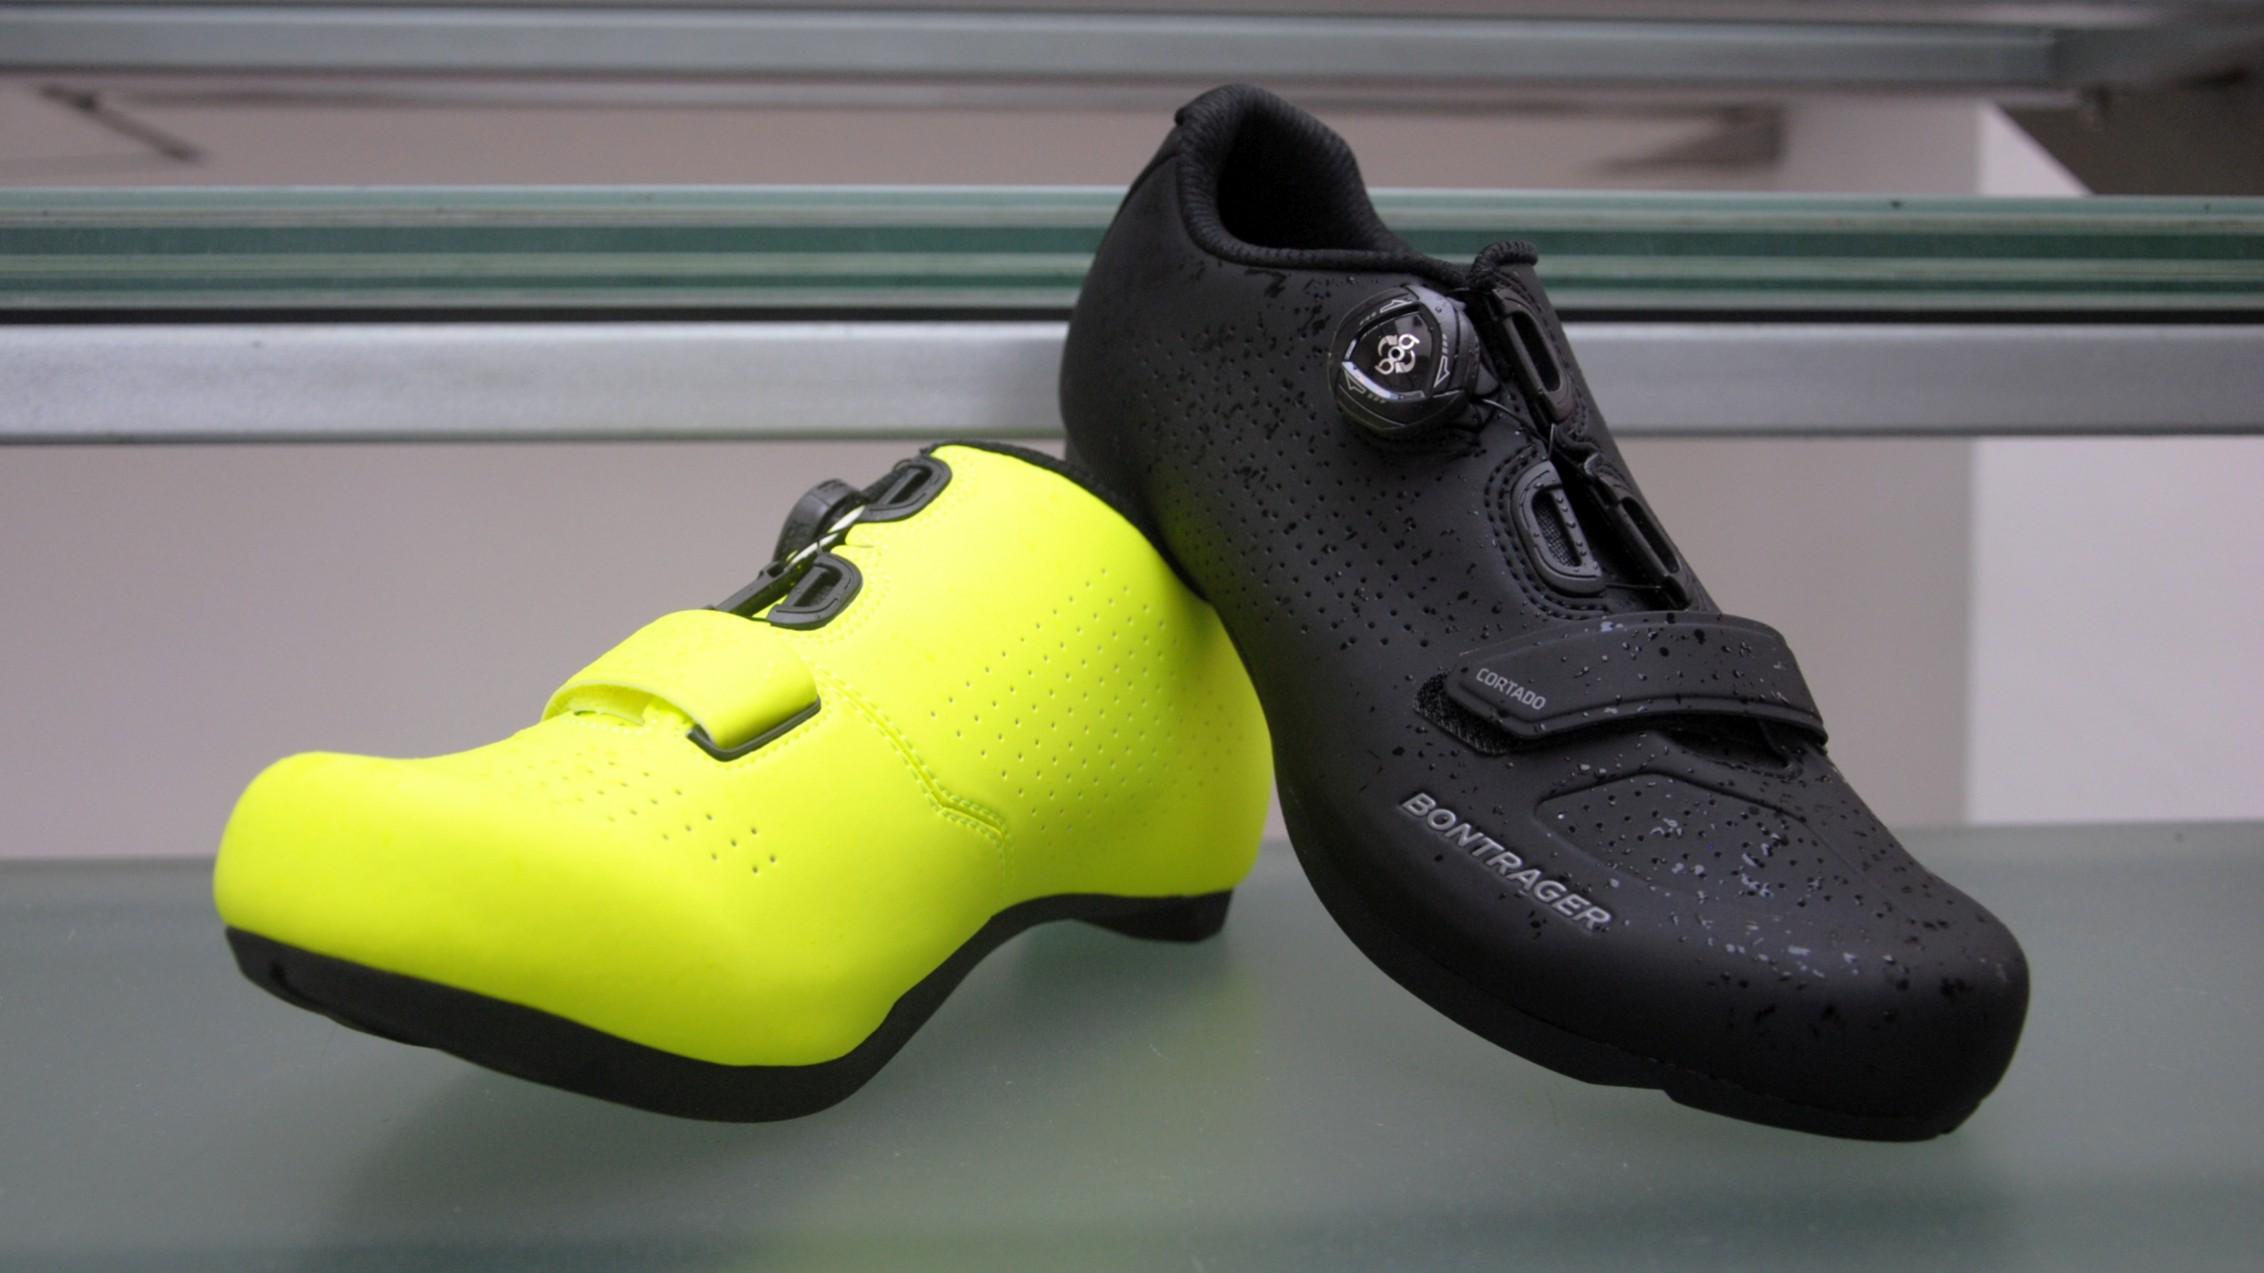 Rennrad und Gravel Schuh mit SPD 2-Loch Kompatibilität. Dadurch können am Gravelbike MTB-Pedale gefahren werden, welche in der Regel deutlich weniger schmutzanfällig sind als ihre RR-Pendants. Der Espresso kommt mit etwas geräumigerem inForm Race-Schnitt, Nylon Composite-Sohle mit rutschfester Tachylon-Gummierung und 6 von 14 Punkten auf der Steifigkeitsskala. Ein Boa IP1 samt Zehenklett hält ihn sicher am Fuß. In ganzen Größen von EU 39 bis EU 48 und in Black oder High Visibility Yellow für ? 99,99. Gibt?s unter dem Namen Cortado übrigens auch für Damen von EU 36 bis 43 und ausschließlich in Black.